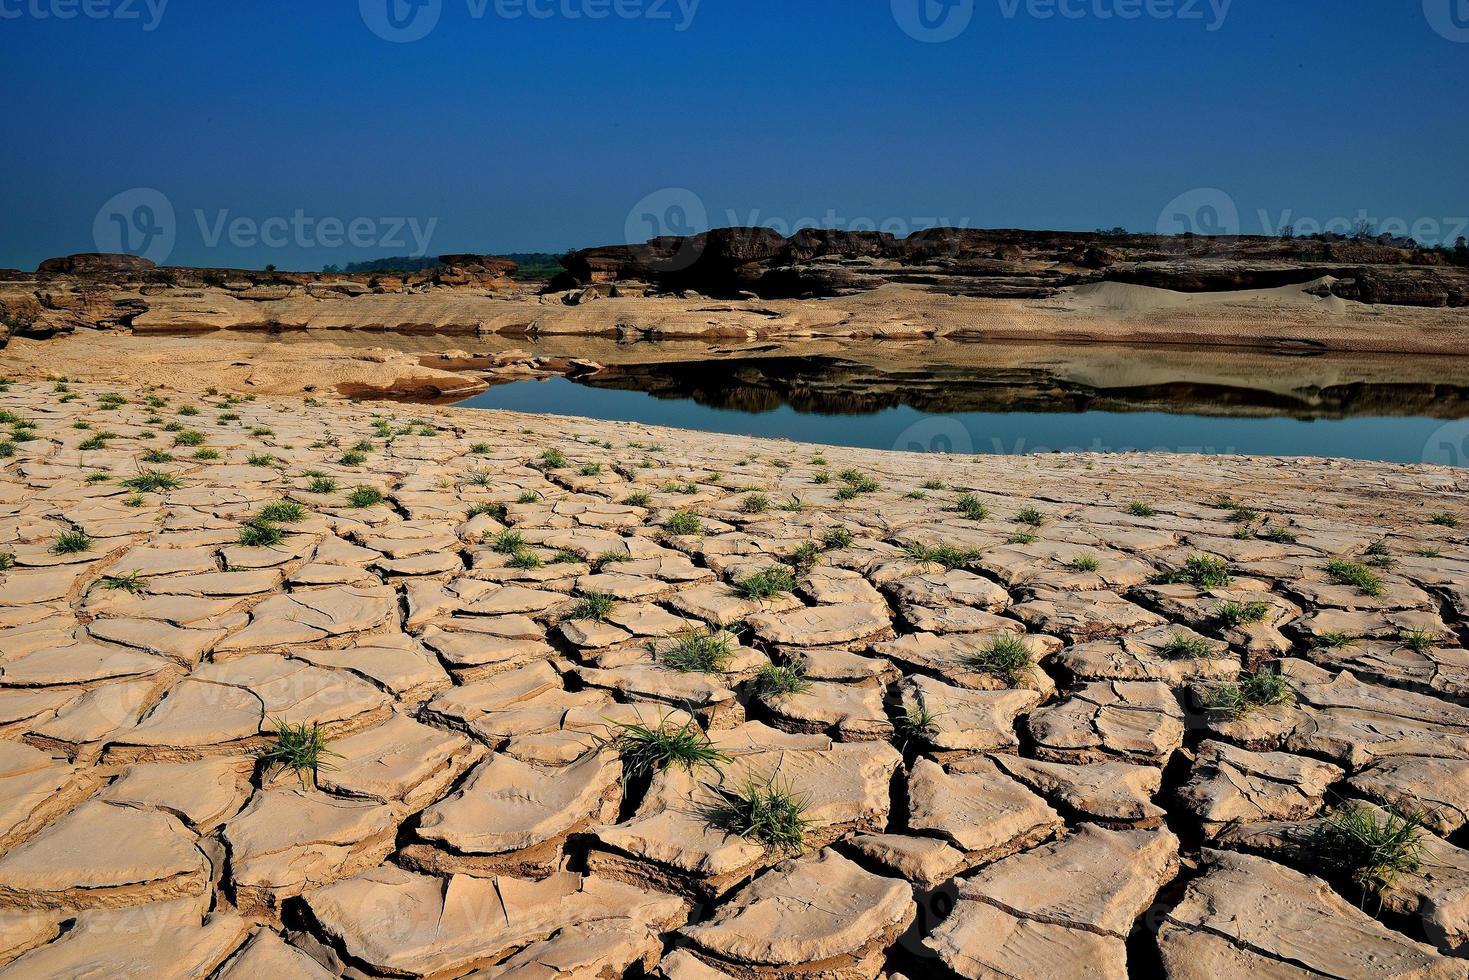 riscaldamento globale foto